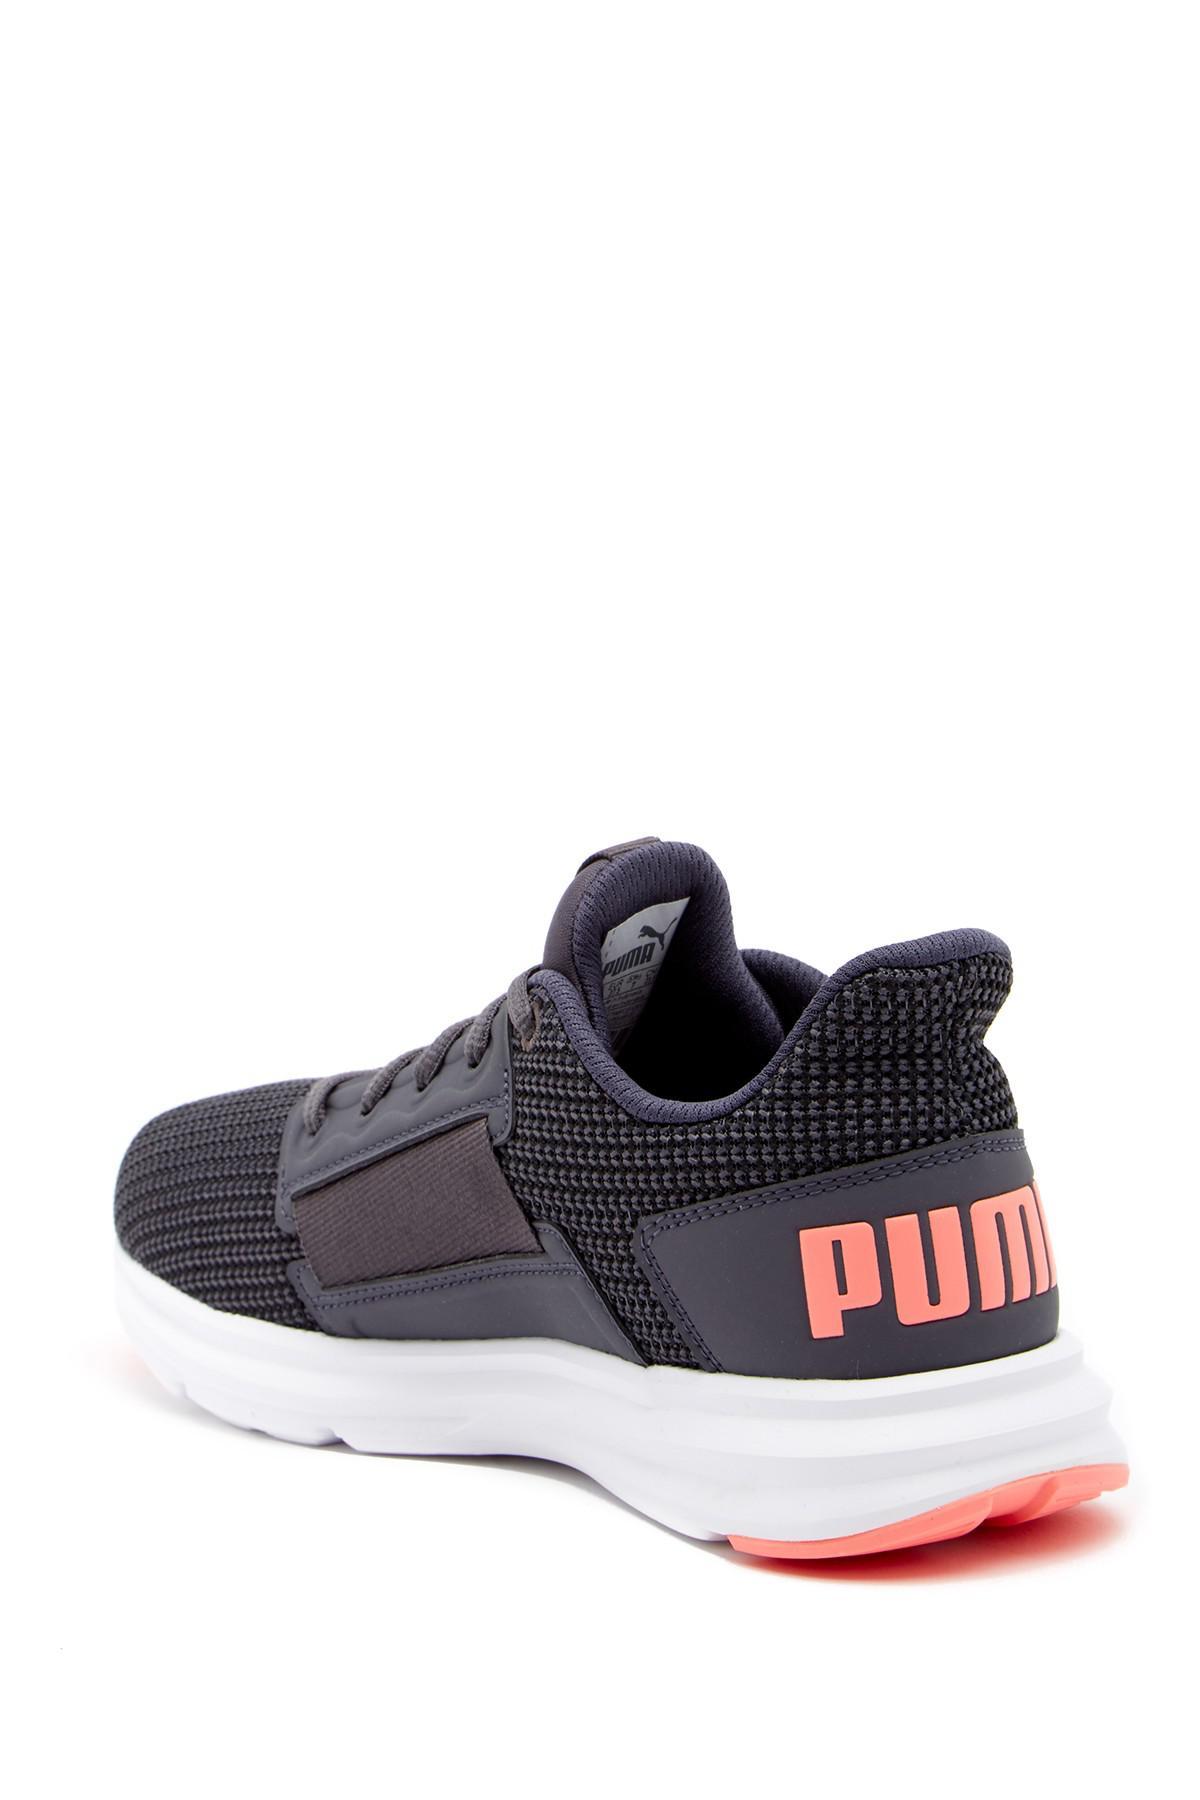 1a3e7be1364 Lyst - PUMA Enzo Street Knit Training Sneaker in Gray